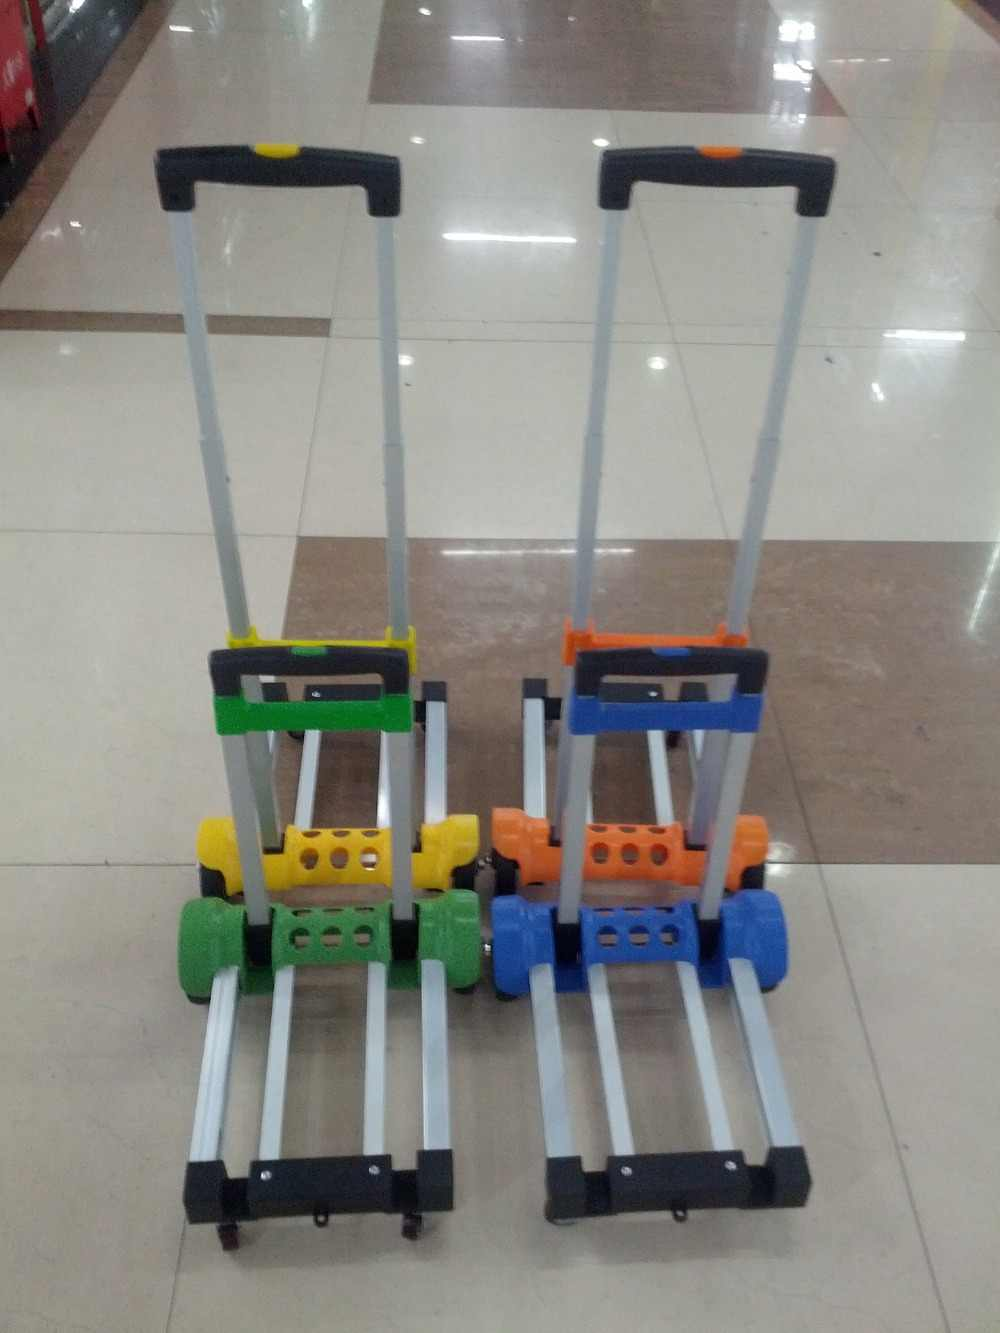 Легкие складные тележки из алюминиевого сплава тележки с поручнями складной портативный Багаж ручной тележки трейлер продуктовая тележка для супермаркета